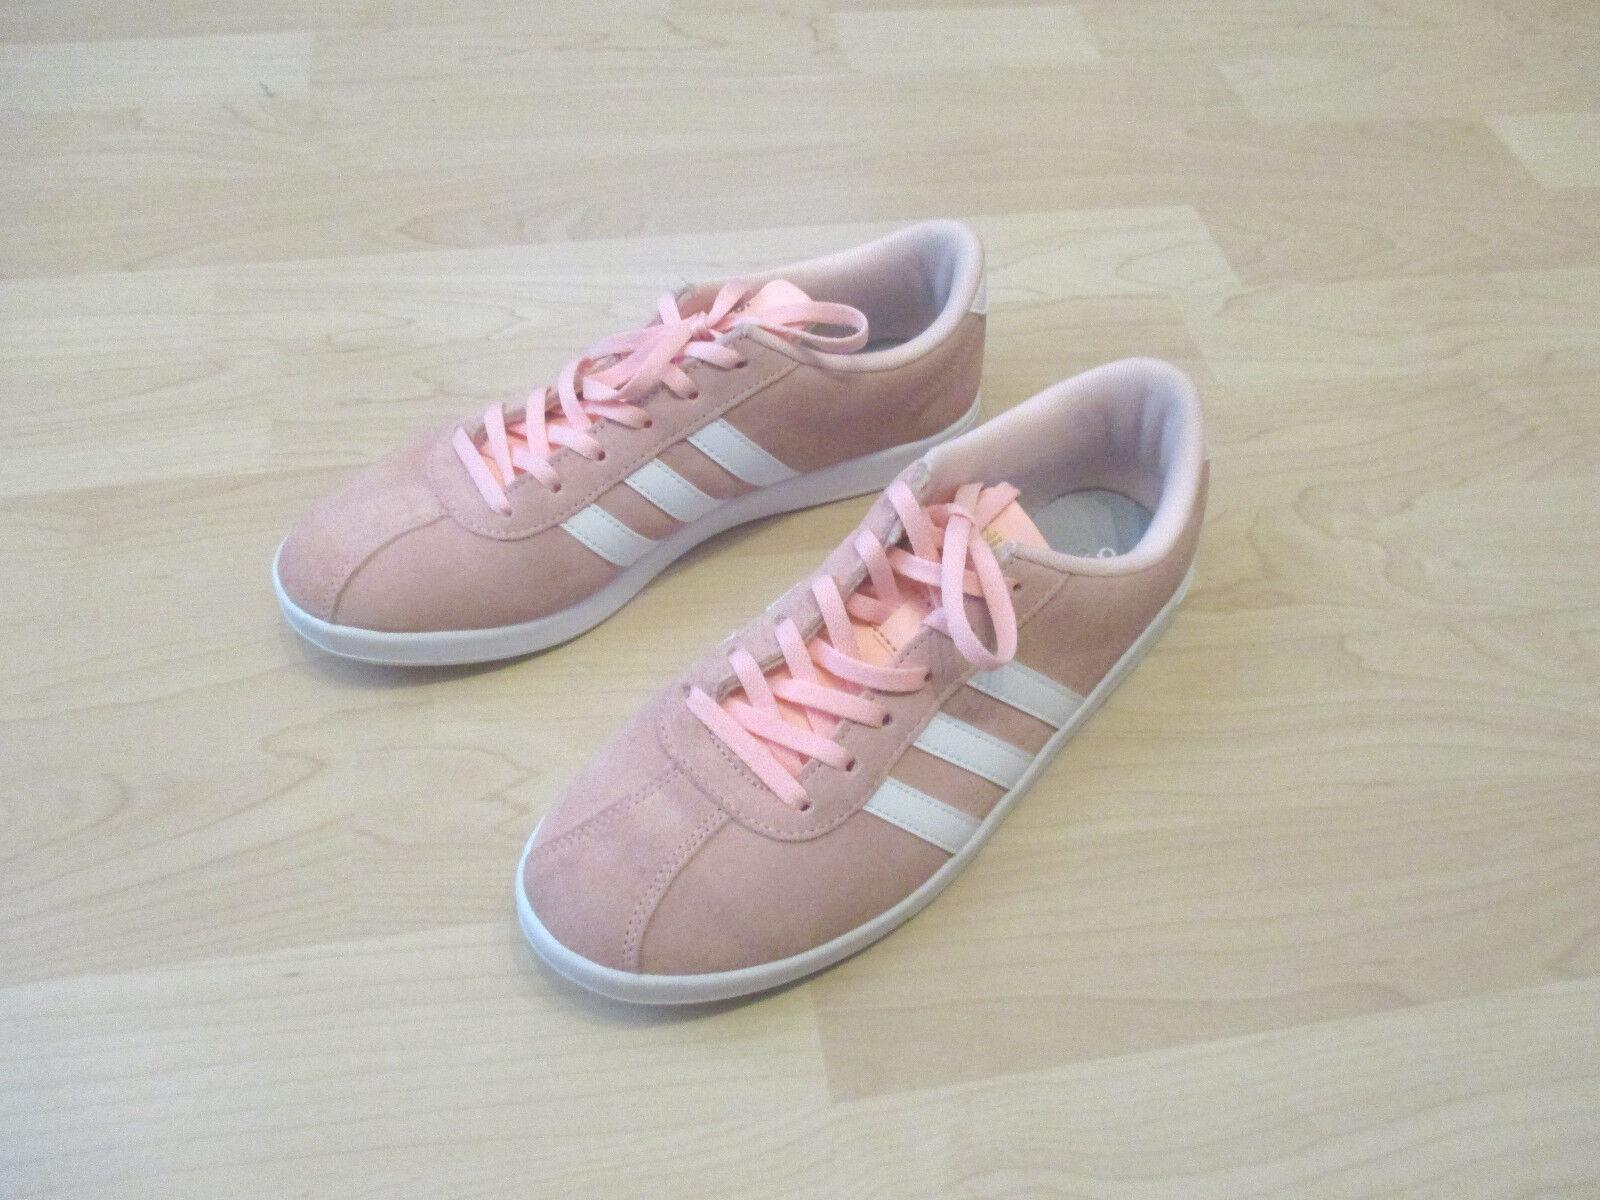 Adidas Neo VL Court W Damensneaker, rosa, Größe 40, wie neu